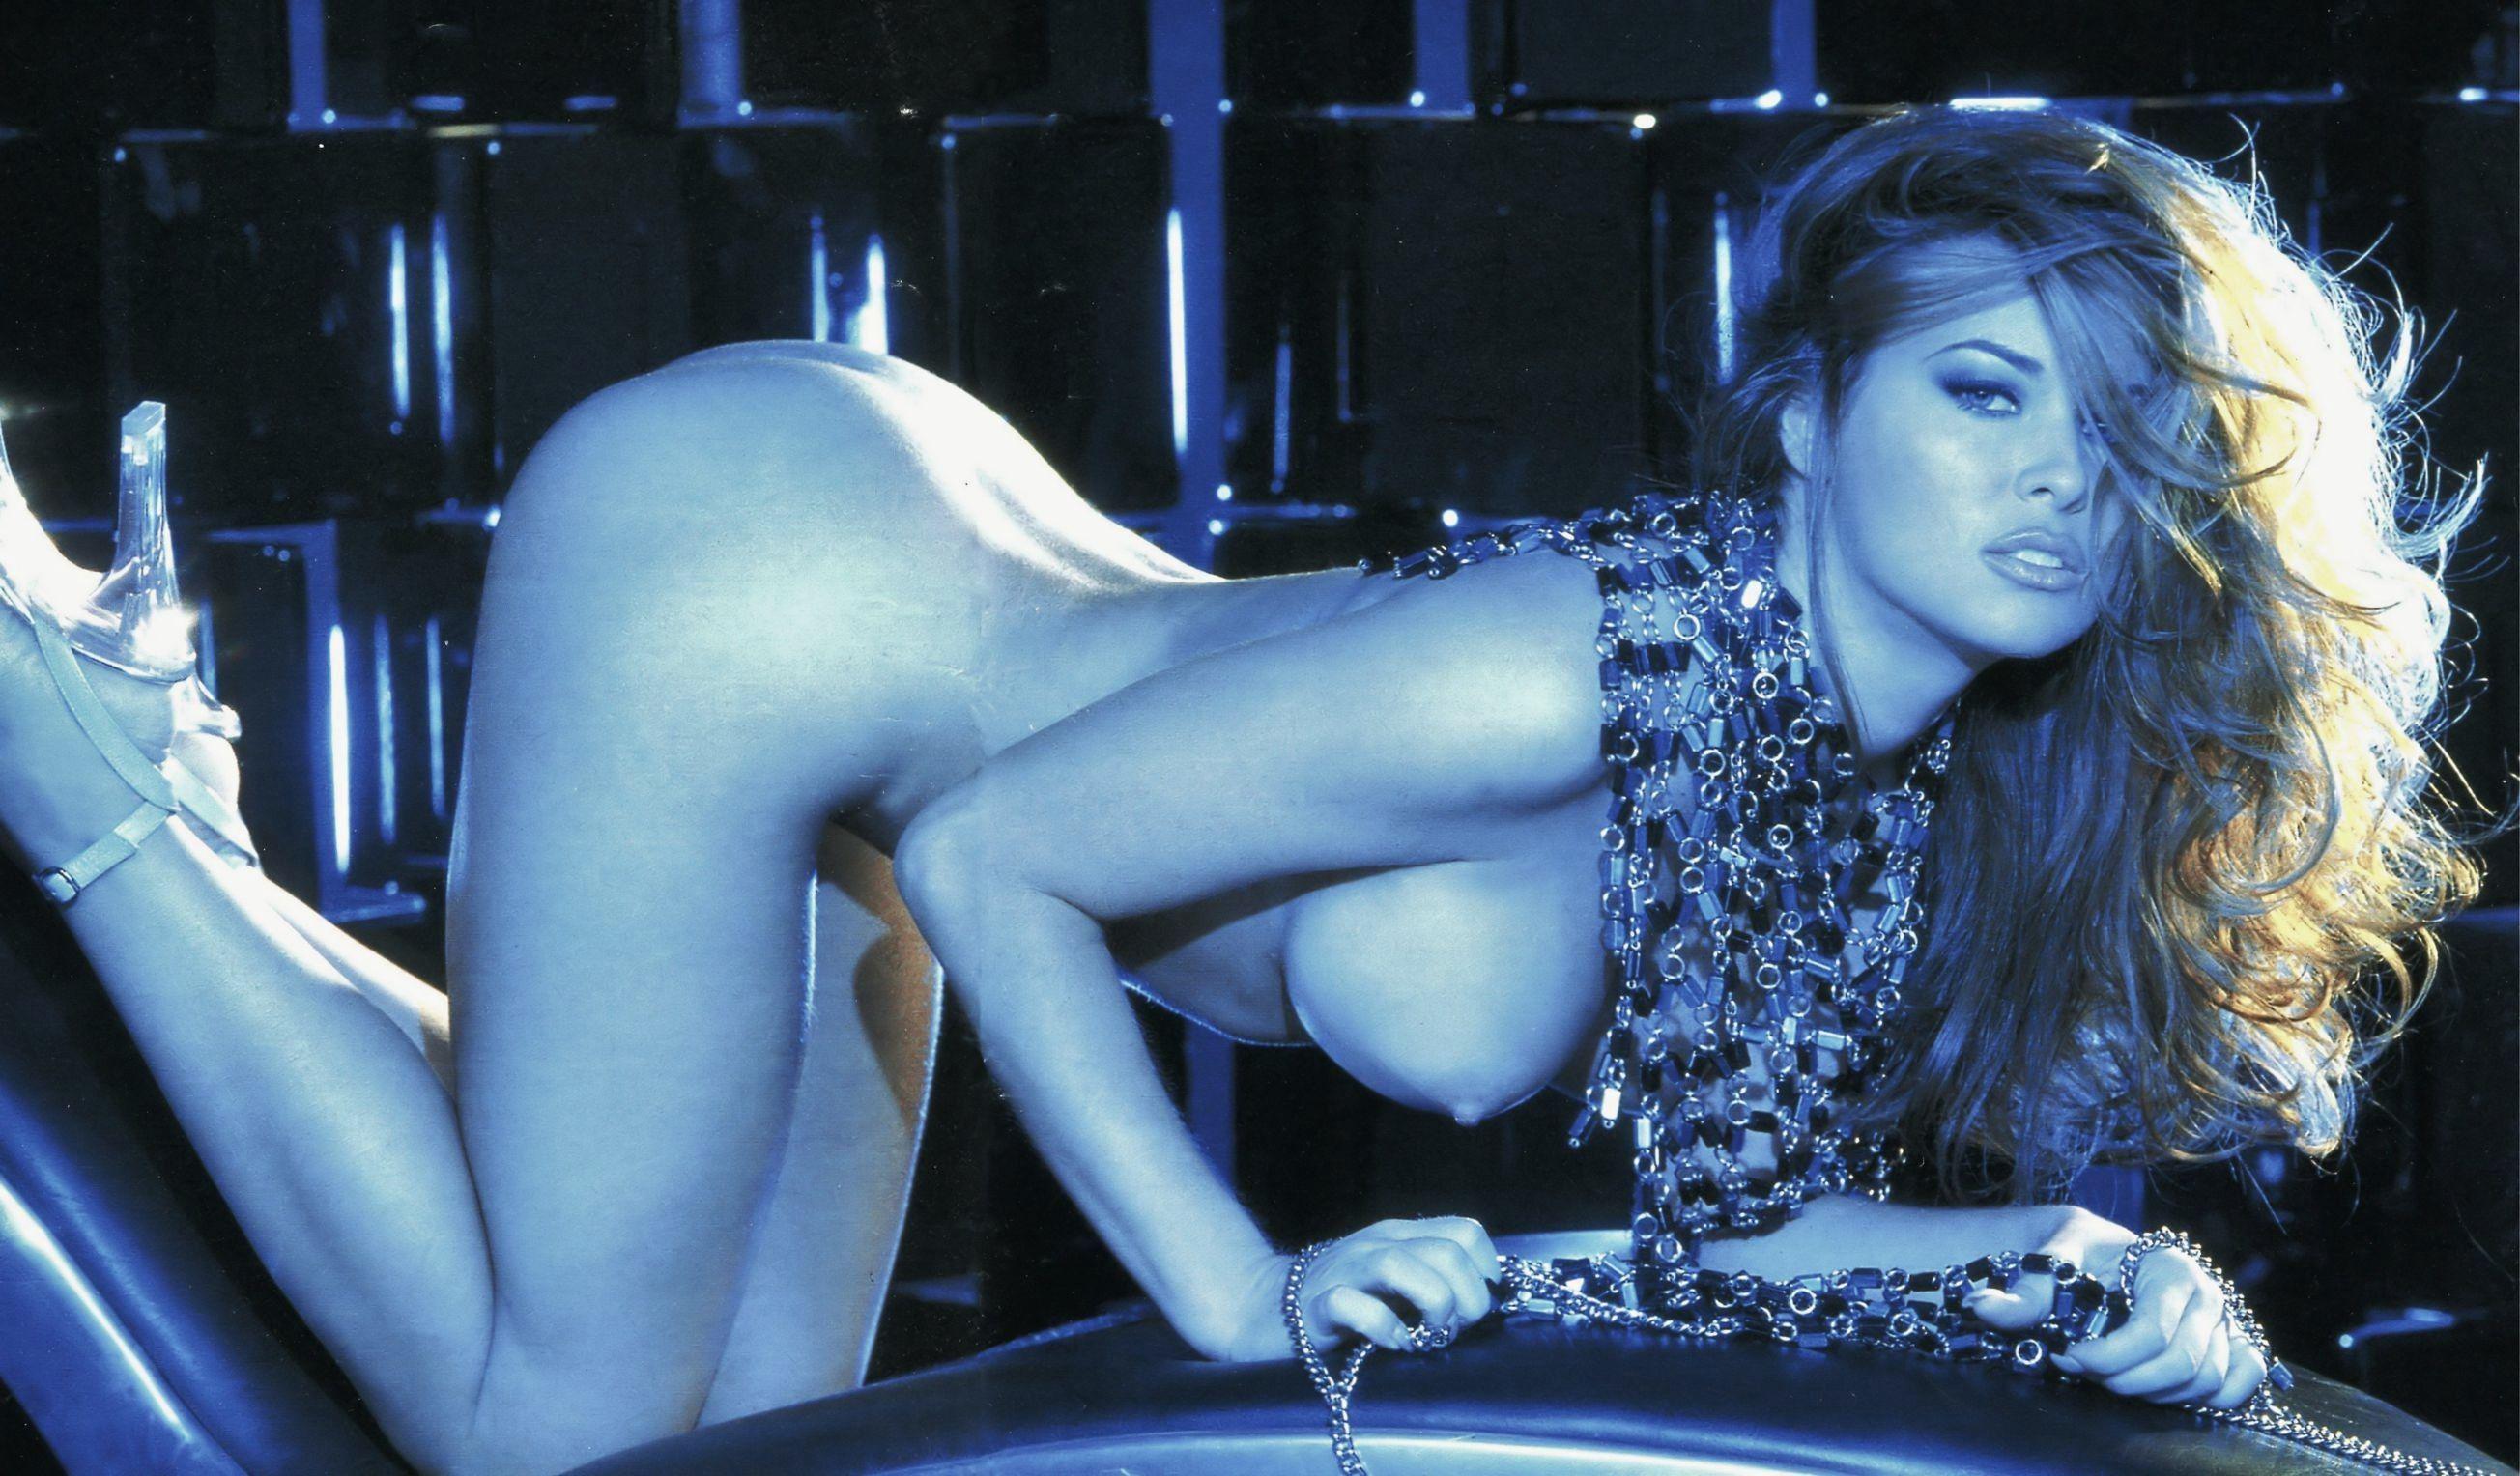 sahara knite patel nude pics